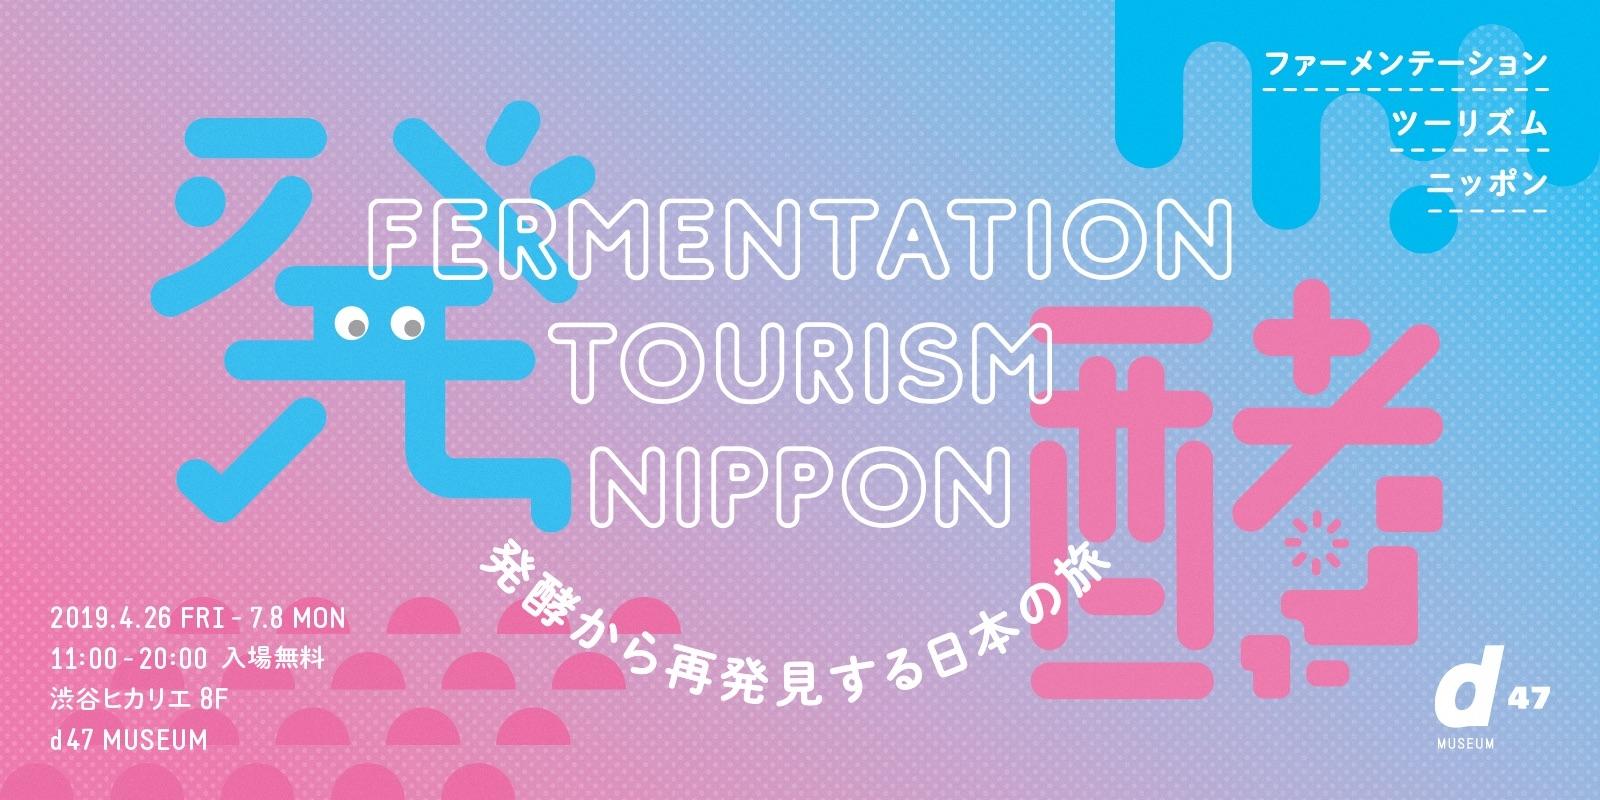 【好評につき会期延長!】Fermentation Tourism NIPPON ~発酵から再発見する日本の旅~